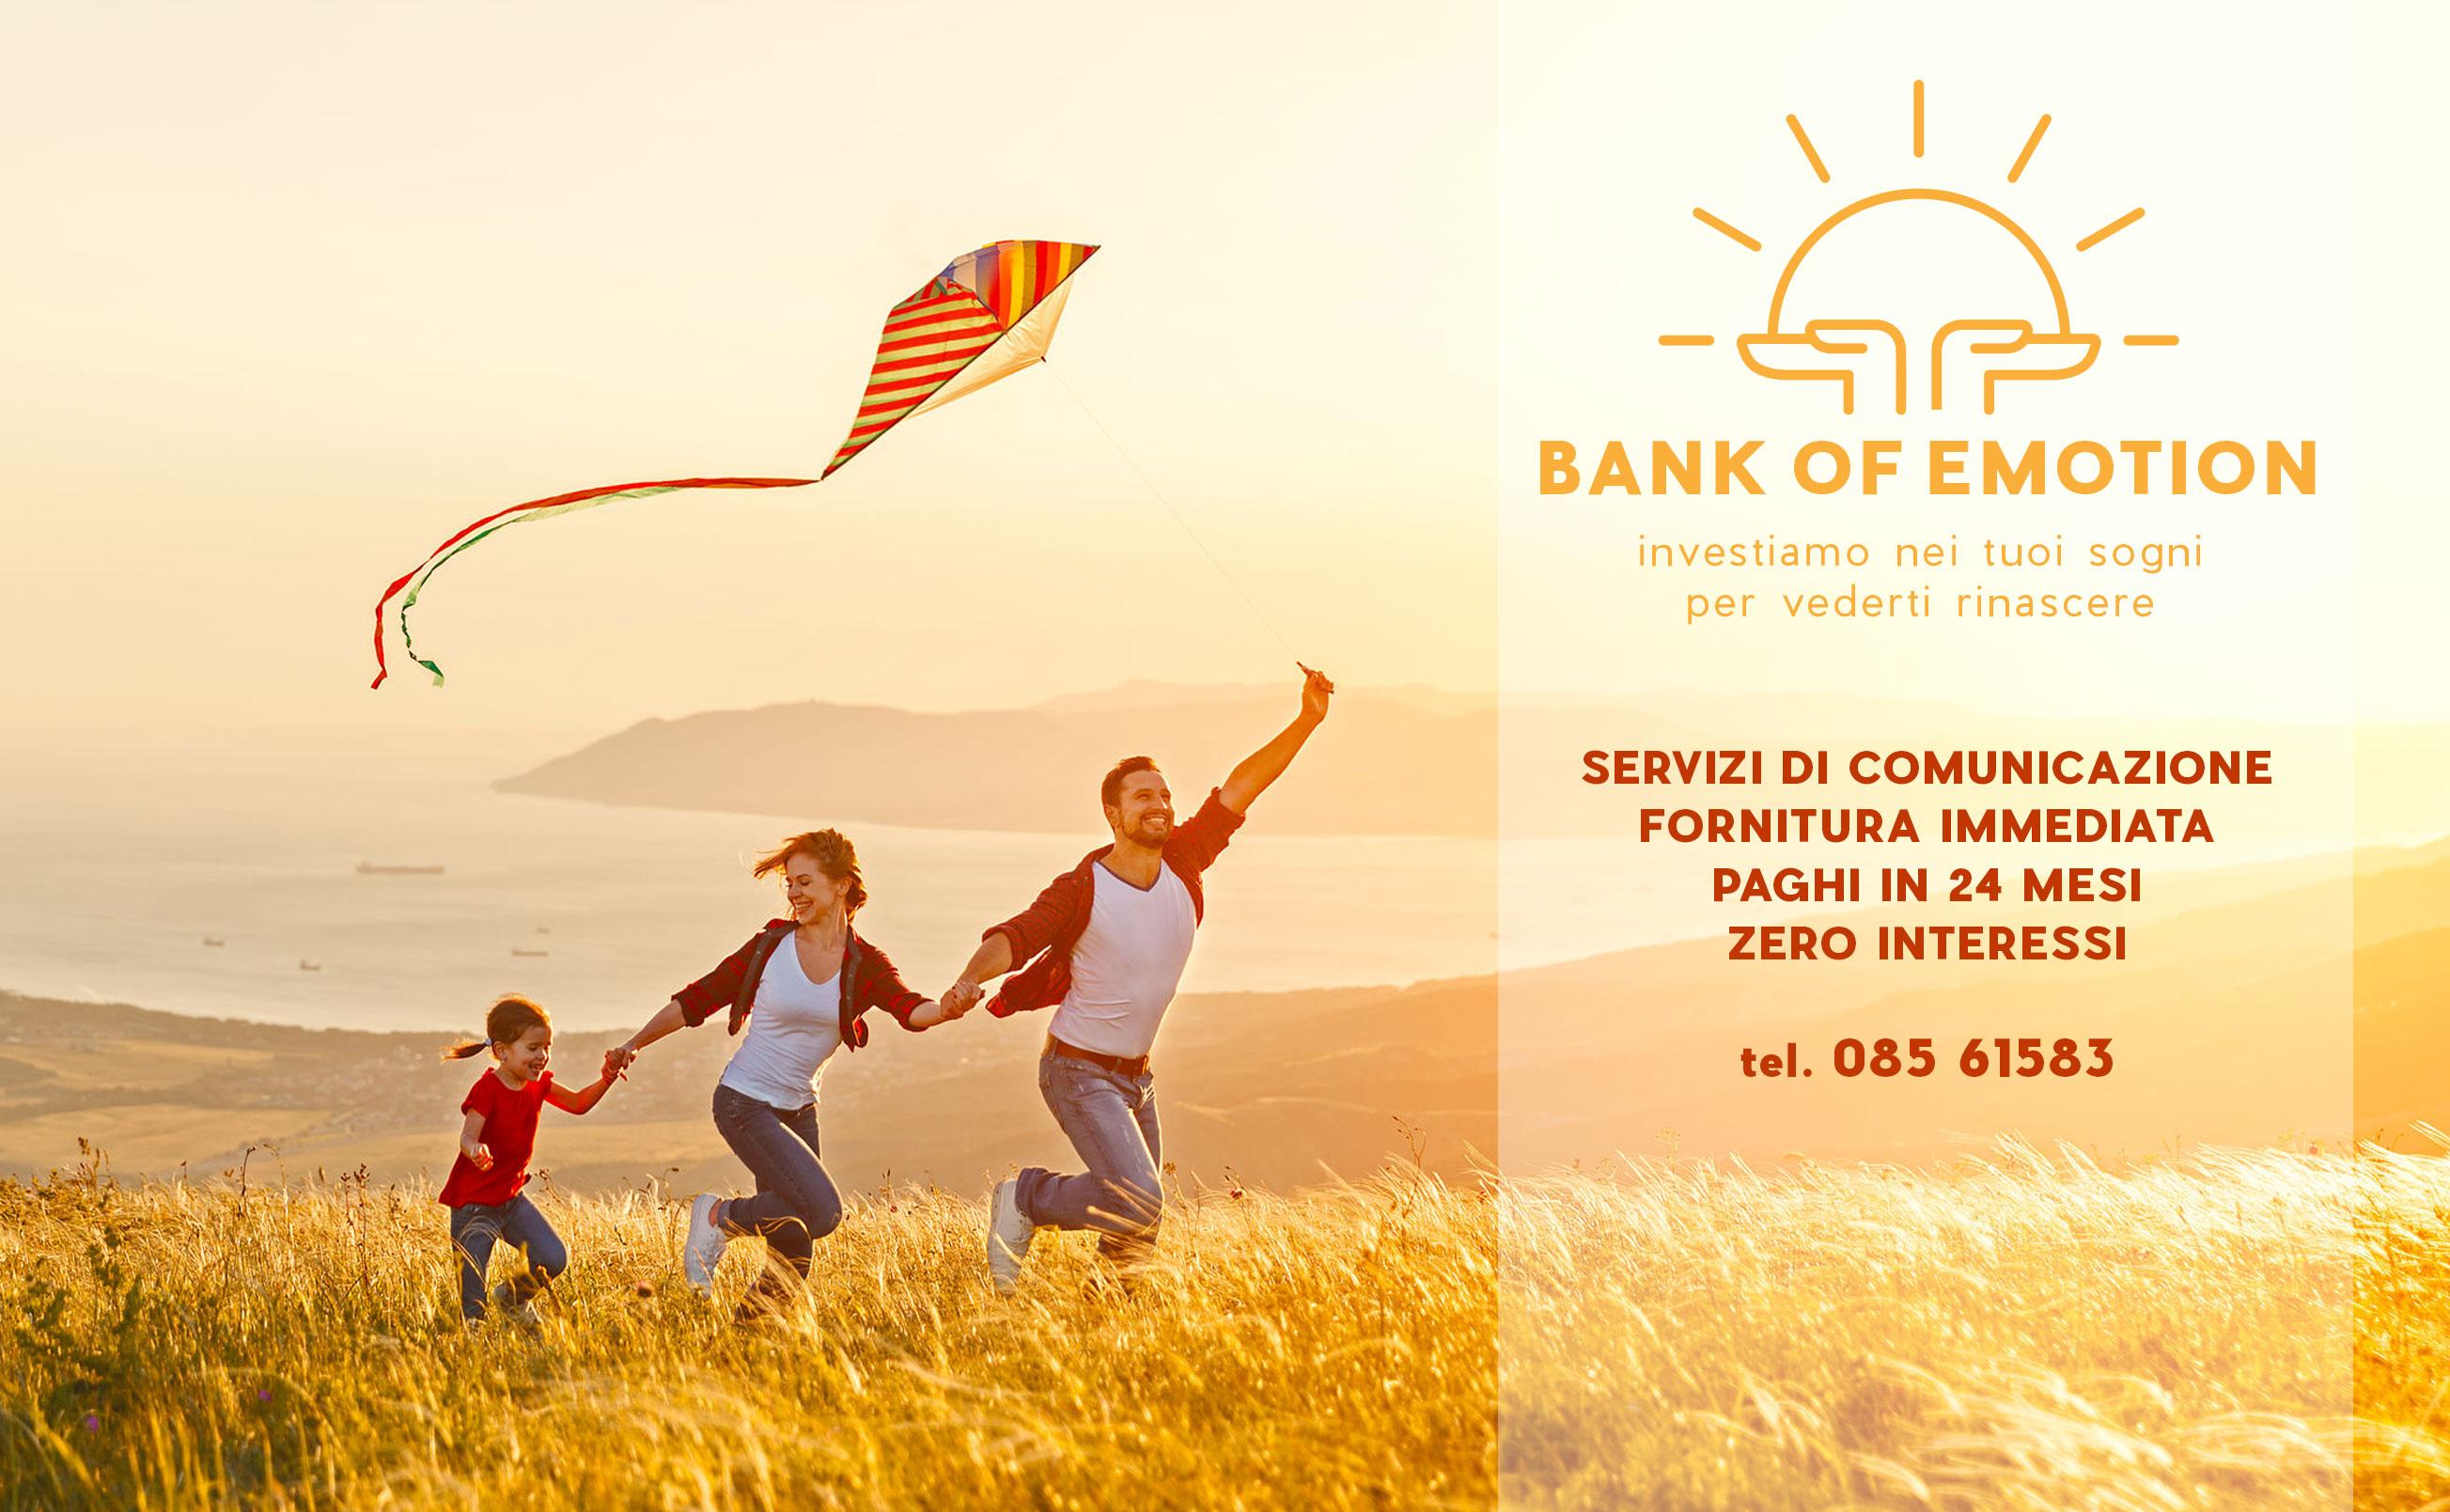 BANK OF EMOTION per sostenere le aziende colpite dall'Emergenza Covid-19